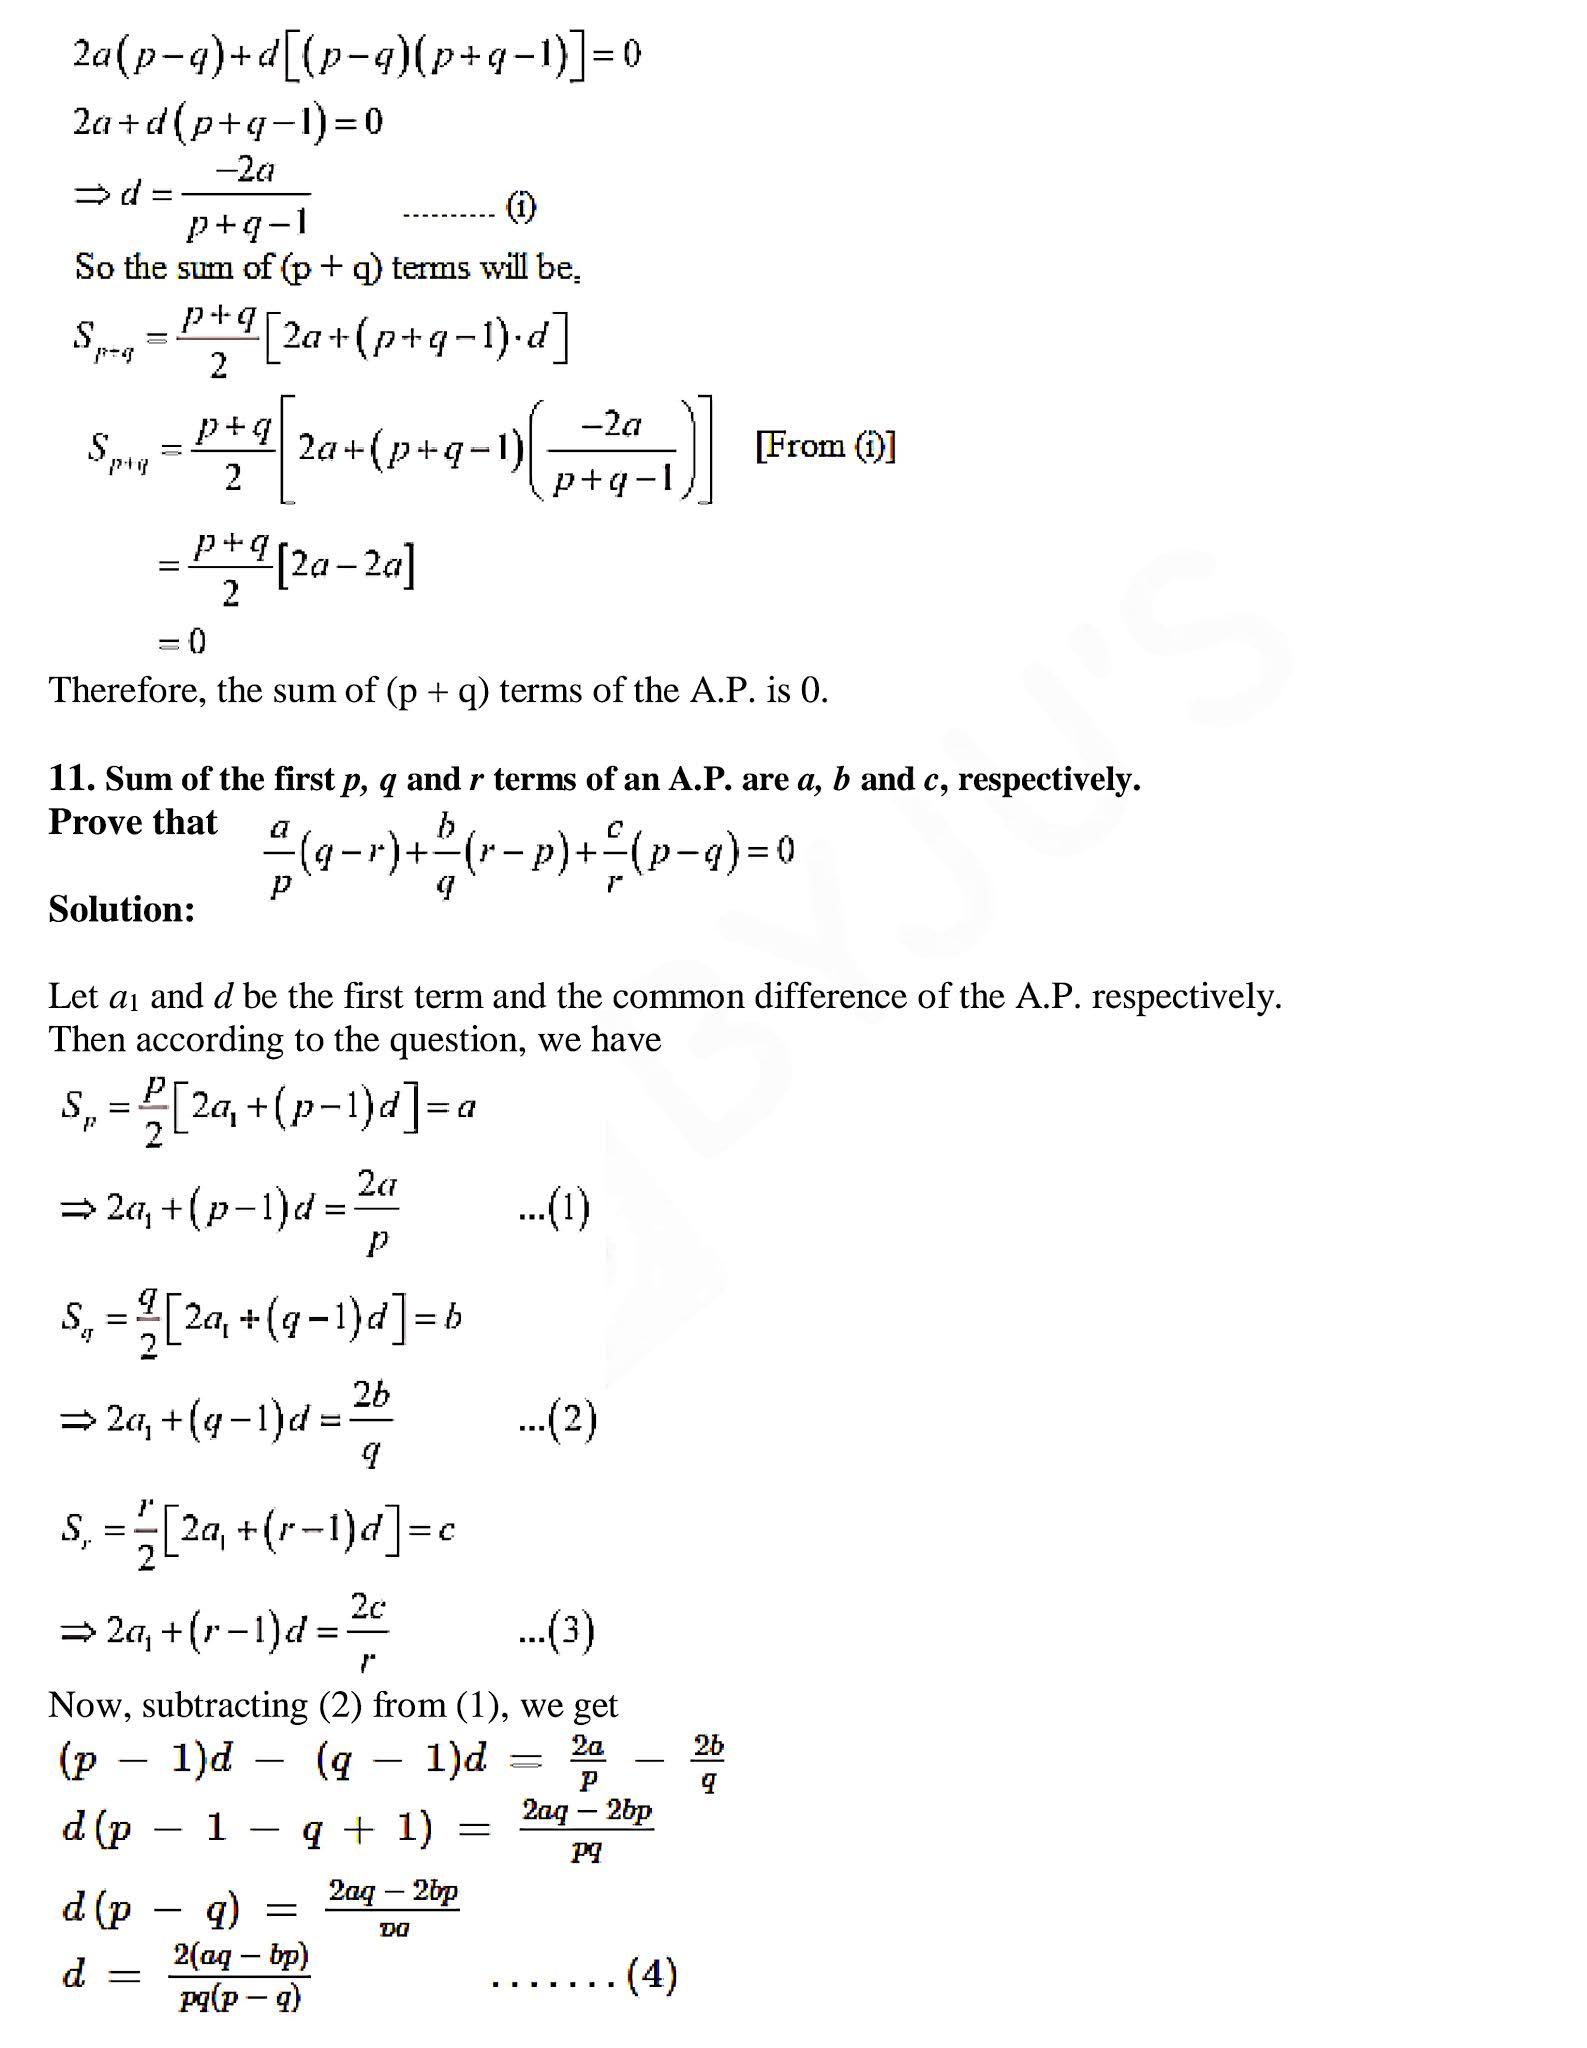 Class 11 Maths Chapter 9 – Sequences and Series,  11th Maths book in hindi,11th Maths notes in hindi,cbse books for class  11,cbse books in hindi,cbse ncert books,class  11  Maths notes in hindi,class  11 hindi ncert solutions, Maths 2020, Maths 2021, Maths 2022, Maths book class  11, Maths book in hindi, Maths class  11 in hindi, Maths notes for class  11 up board in hindi,ncert all books,ncert app in hindi,ncert book solution,ncert books class 10,ncert books class  11,ncert books for class 7,ncert books for upsc in hindi,ncert books in hindi class 10,ncert books in hindi for class  11  Maths,ncert books in hindi for class 6,ncert books in hindi pdf,ncert class  11 hindi book,ncert english book,ncert  Maths book in hindi,ncert  Maths books in hindi pdf,ncert  Maths class  11,ncert in hindi,old ncert books in hindi,online ncert books in hindi,up board  11th,up board  11th syllabus,up board class 10 hindi book,up board class  11 books,up board class  11 new syllabus,up Board  Maths 2020,up Board  Maths 2021,up Board  Maths 2022,up Board  Maths 2023,up board intermediate  Maths syllabus,up board intermediate syllabus 2021,Up board Master 2021,up board model paper 2021,up board model paper all subject,up board new syllabus of class 11th Maths,up board paper 2021,Up board syllabus 2021,UP board syllabus 2022,   11 वीं मैथ्स पुस्तक हिंदी में,  11 वीं मैथ्स नोट्स हिंदी में, कक्षा  11 के लिए सीबीएससी पुस्तकें, हिंदी में सीबीएससी पुस्तकें, सीबीएससी  पुस्तकें, कक्षा  11 मैथ्स नोट्स हिंदी में, कक्षा  11 हिंदी एनसीईआरटी समाधान, मैथ्स 2020, मैथ्स 2021, मैथ्स 2022, मैथ्स  बुक क्लास  11, मैथ्स बुक इन हिंदी, बायोलॉजी क्लास  11 हिंदी में, मैथ्स नोट्स इन क्लास  11 यूपी  बोर्ड इन हिंदी, एनसीईआरटी मैथ्स की किताब हिंदी में,  बोर्ड  11 वीं तक,  11 वीं तक की पाठ्यक्रम, बोर्ड कक्षा 10 की हिंदी पुस्तक  , बोर्ड की कक्षा  11 की किताबें, बोर्ड की कक्षा  11 की नई पाठ्यक्रम, बोर्ड मैथ्स 2020, यूपी   बोर्ड मैथ्स 2021, यूपी  बोर्ड मैथ्स 2022, यूपी  बोर्ड मैथ्स 2023, यूपी  बोर्ड इंटरमीडिएट बायोलॉज